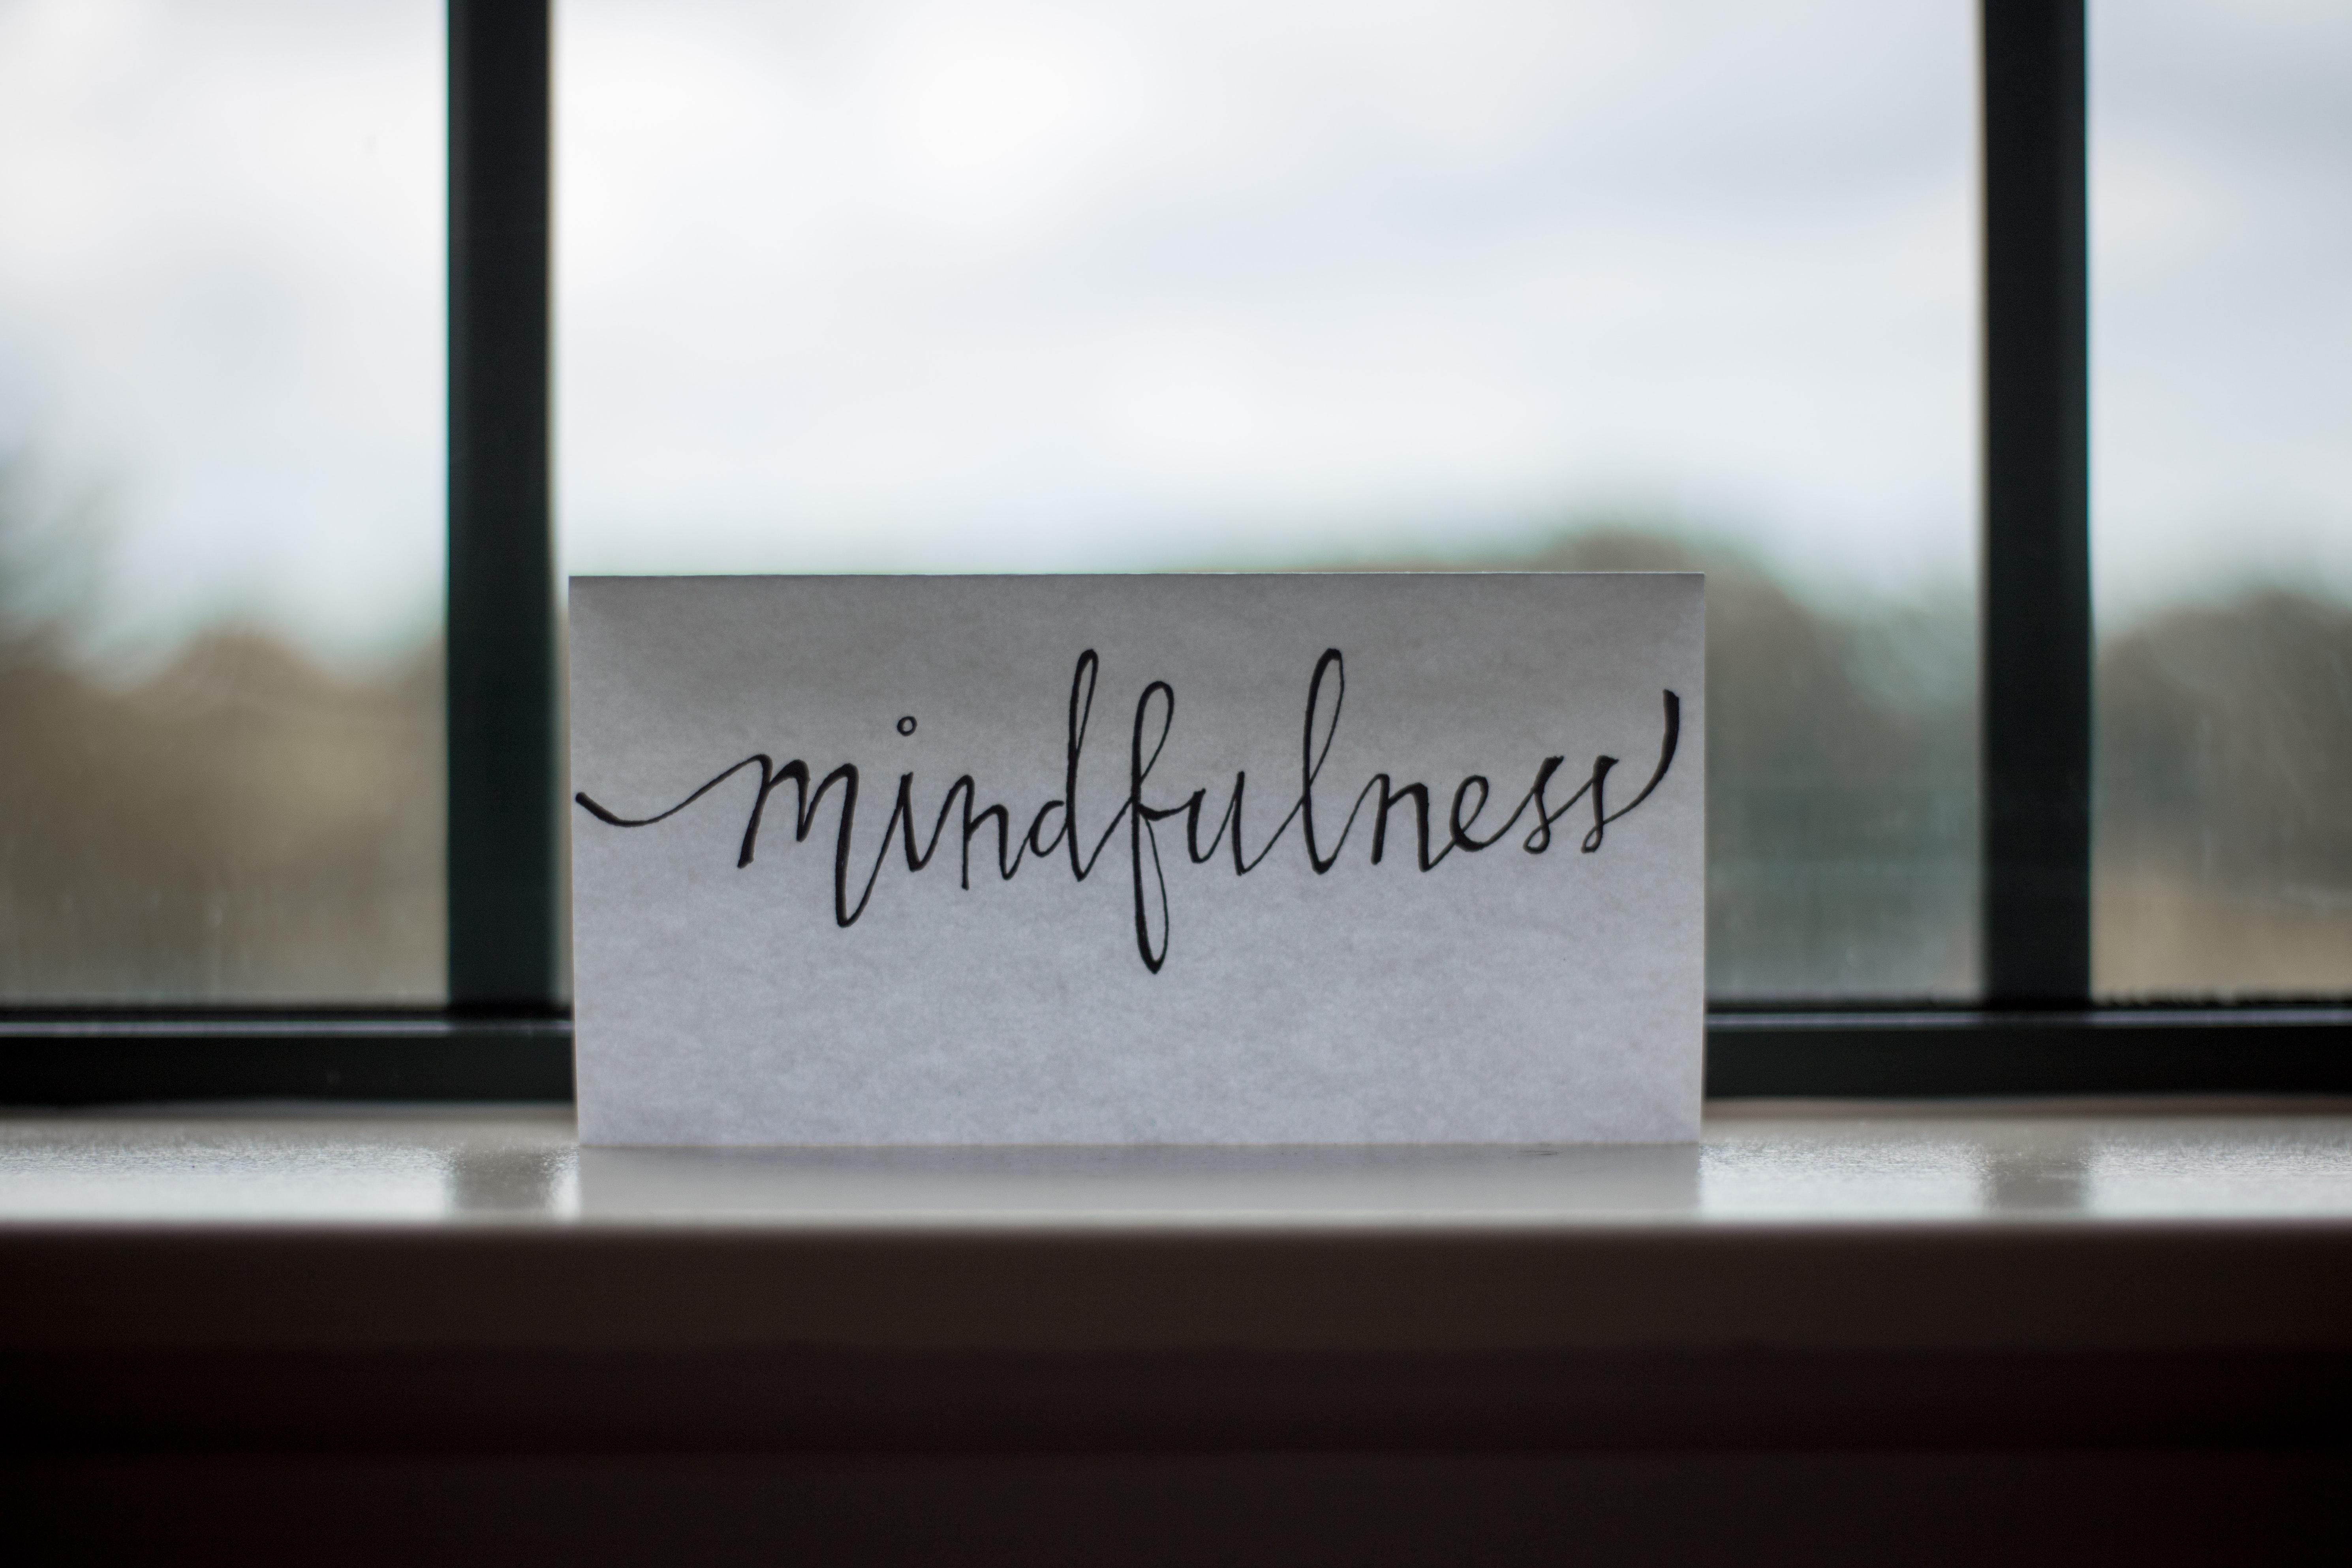 praticare-la-meditazione